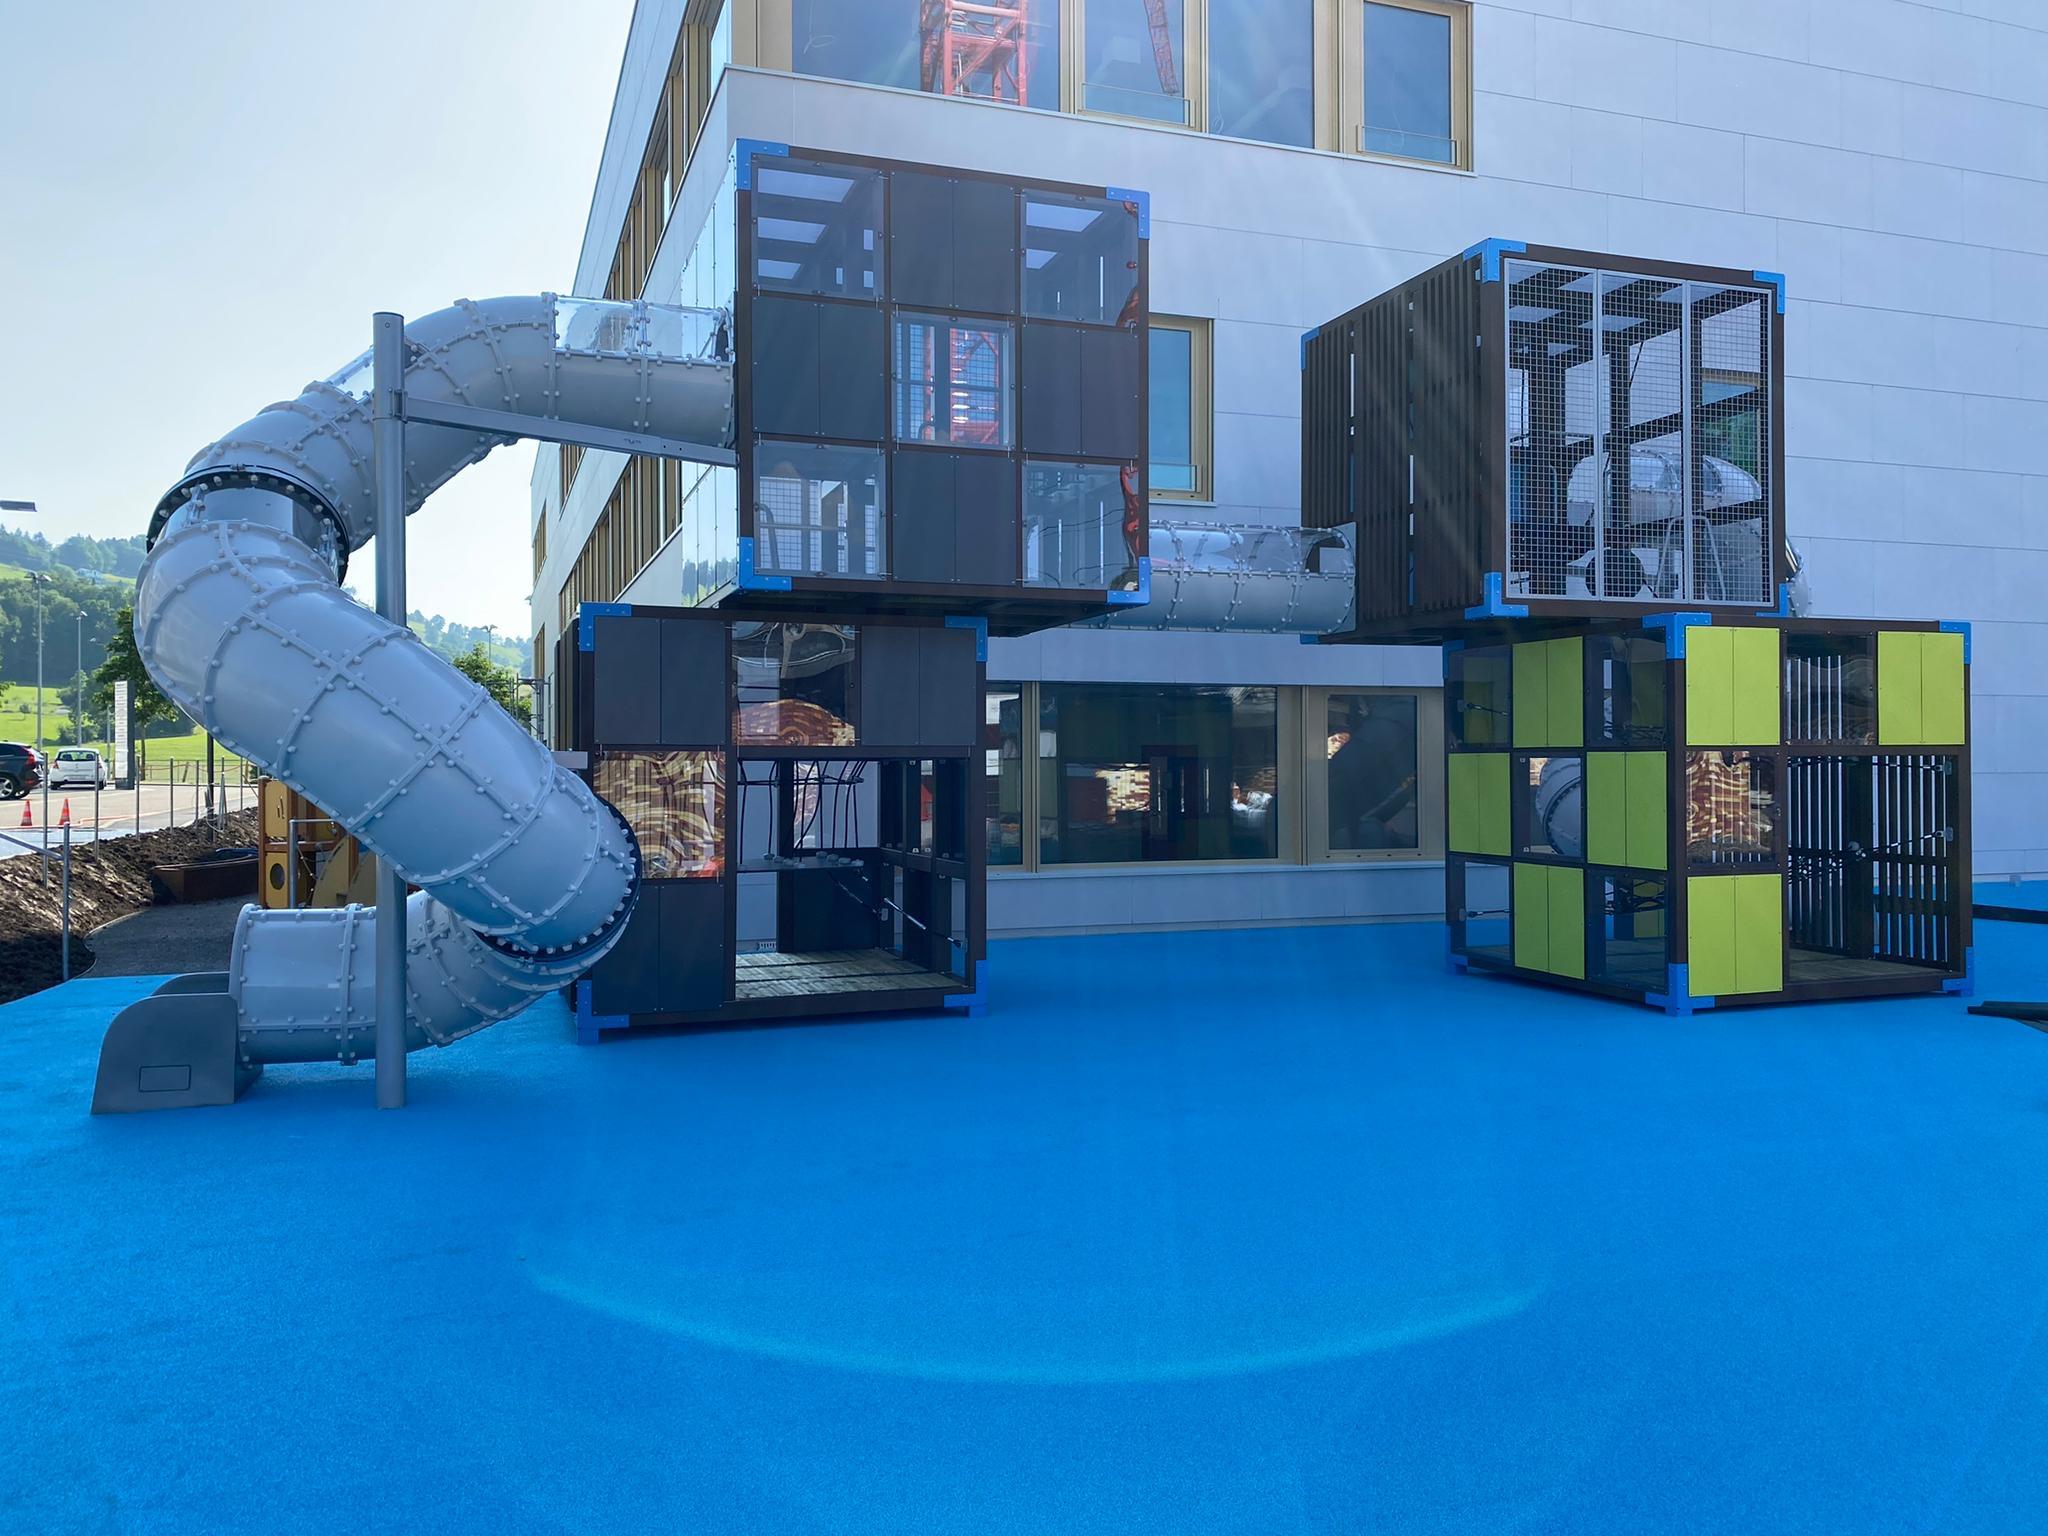 kubisches Spielgerät von GTSM Magglingen AG für den Spielplatz der Privatschule OBS auf dem neuen Campus in Wollerau